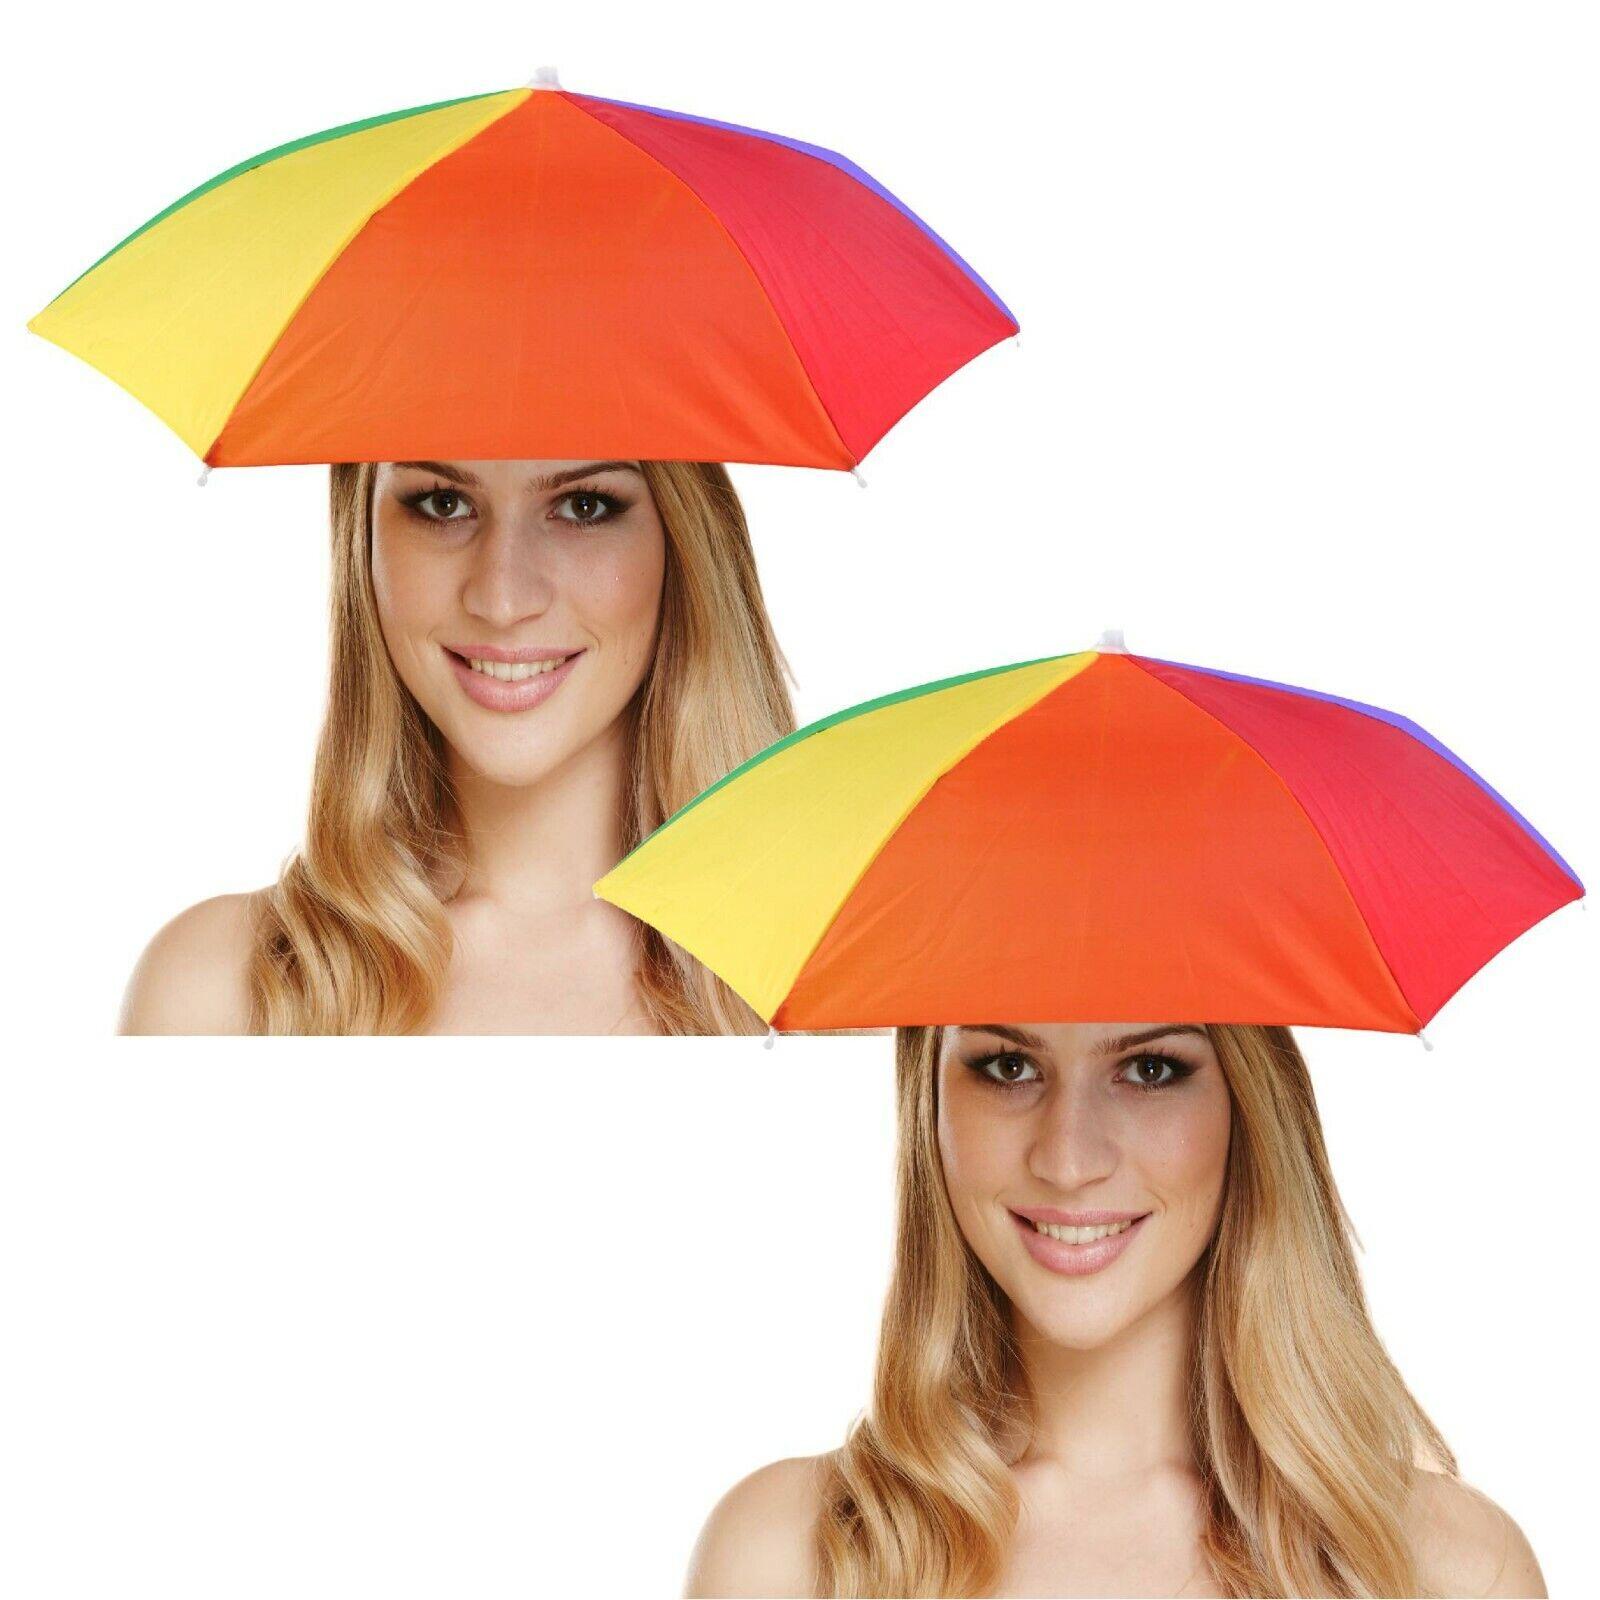 2 x Regenbogen Kopfregenschirm Sonnenschirm Herren Damen Regenschirm Kopfschirm